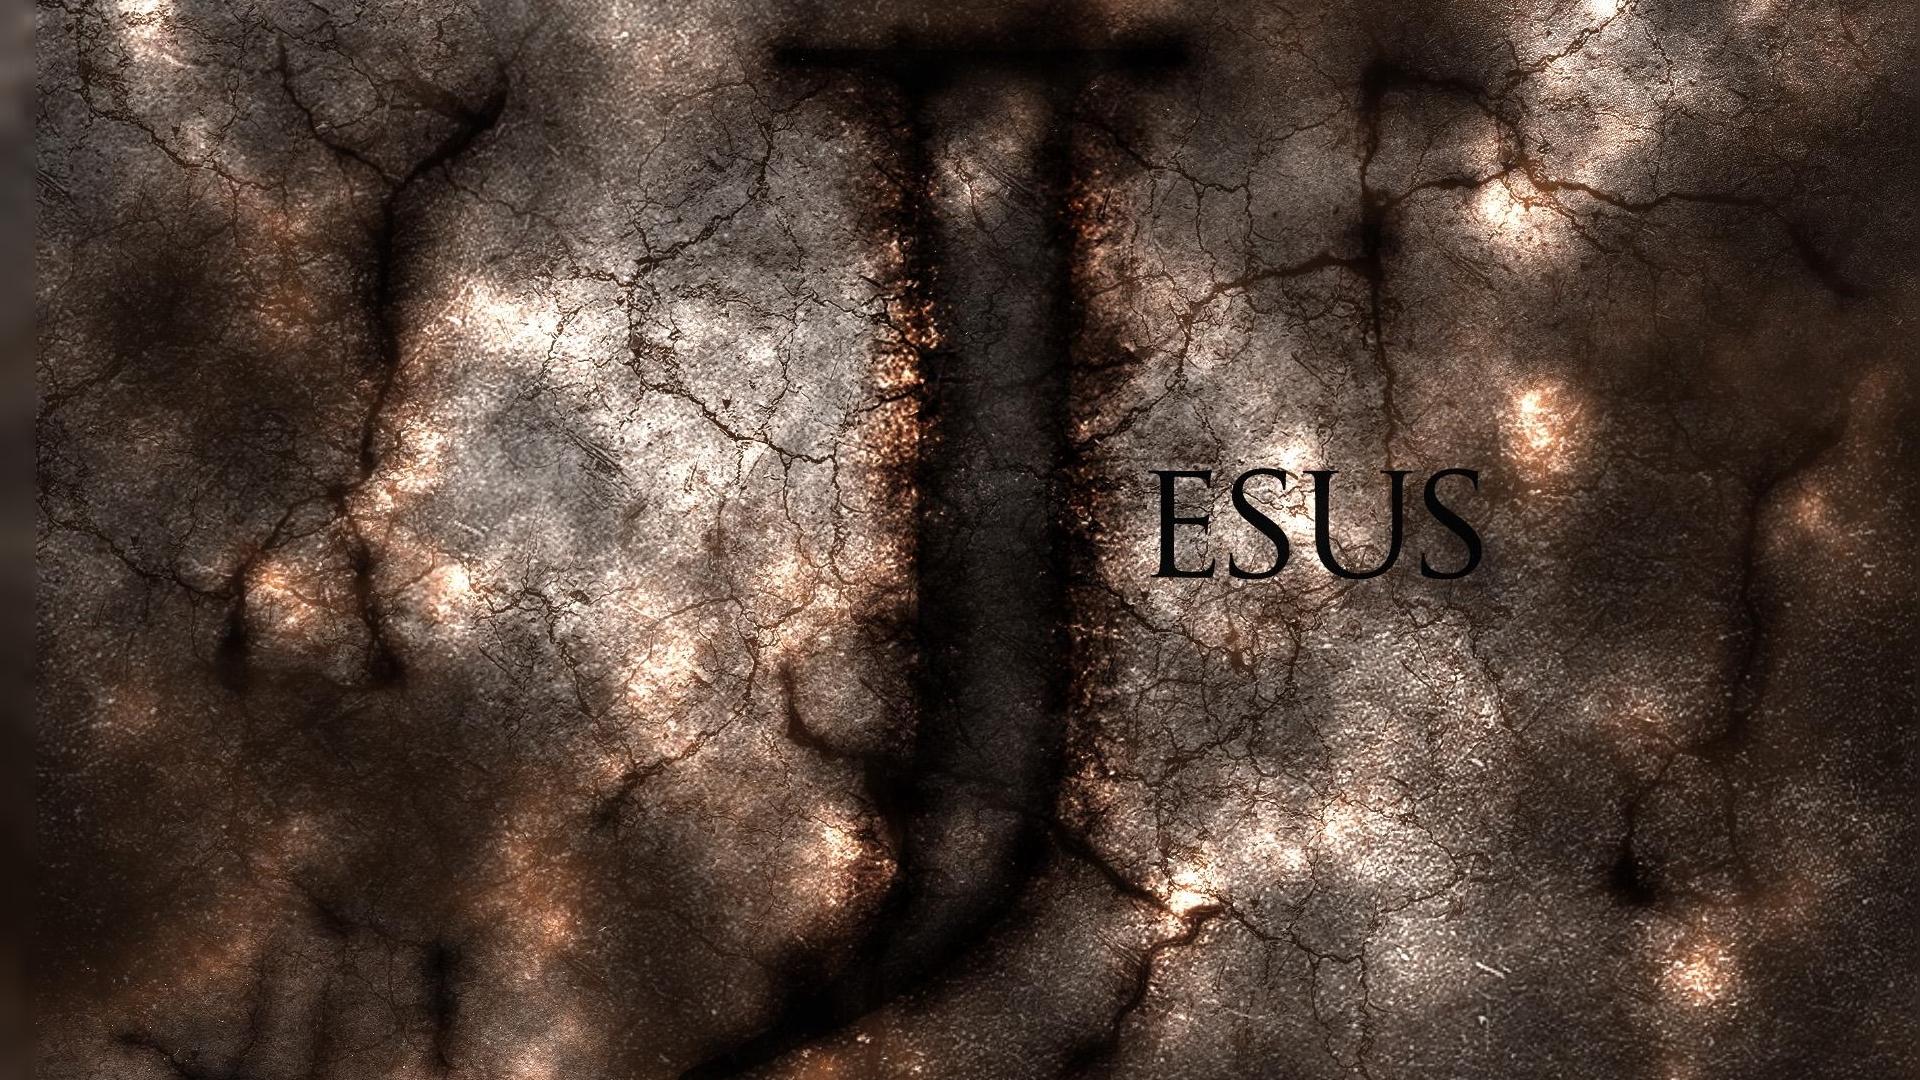 Hd Wallpapers Jesus Christ Nativity Scene 1920 X 1200 222 Kb Jpeg HD 1920x1080